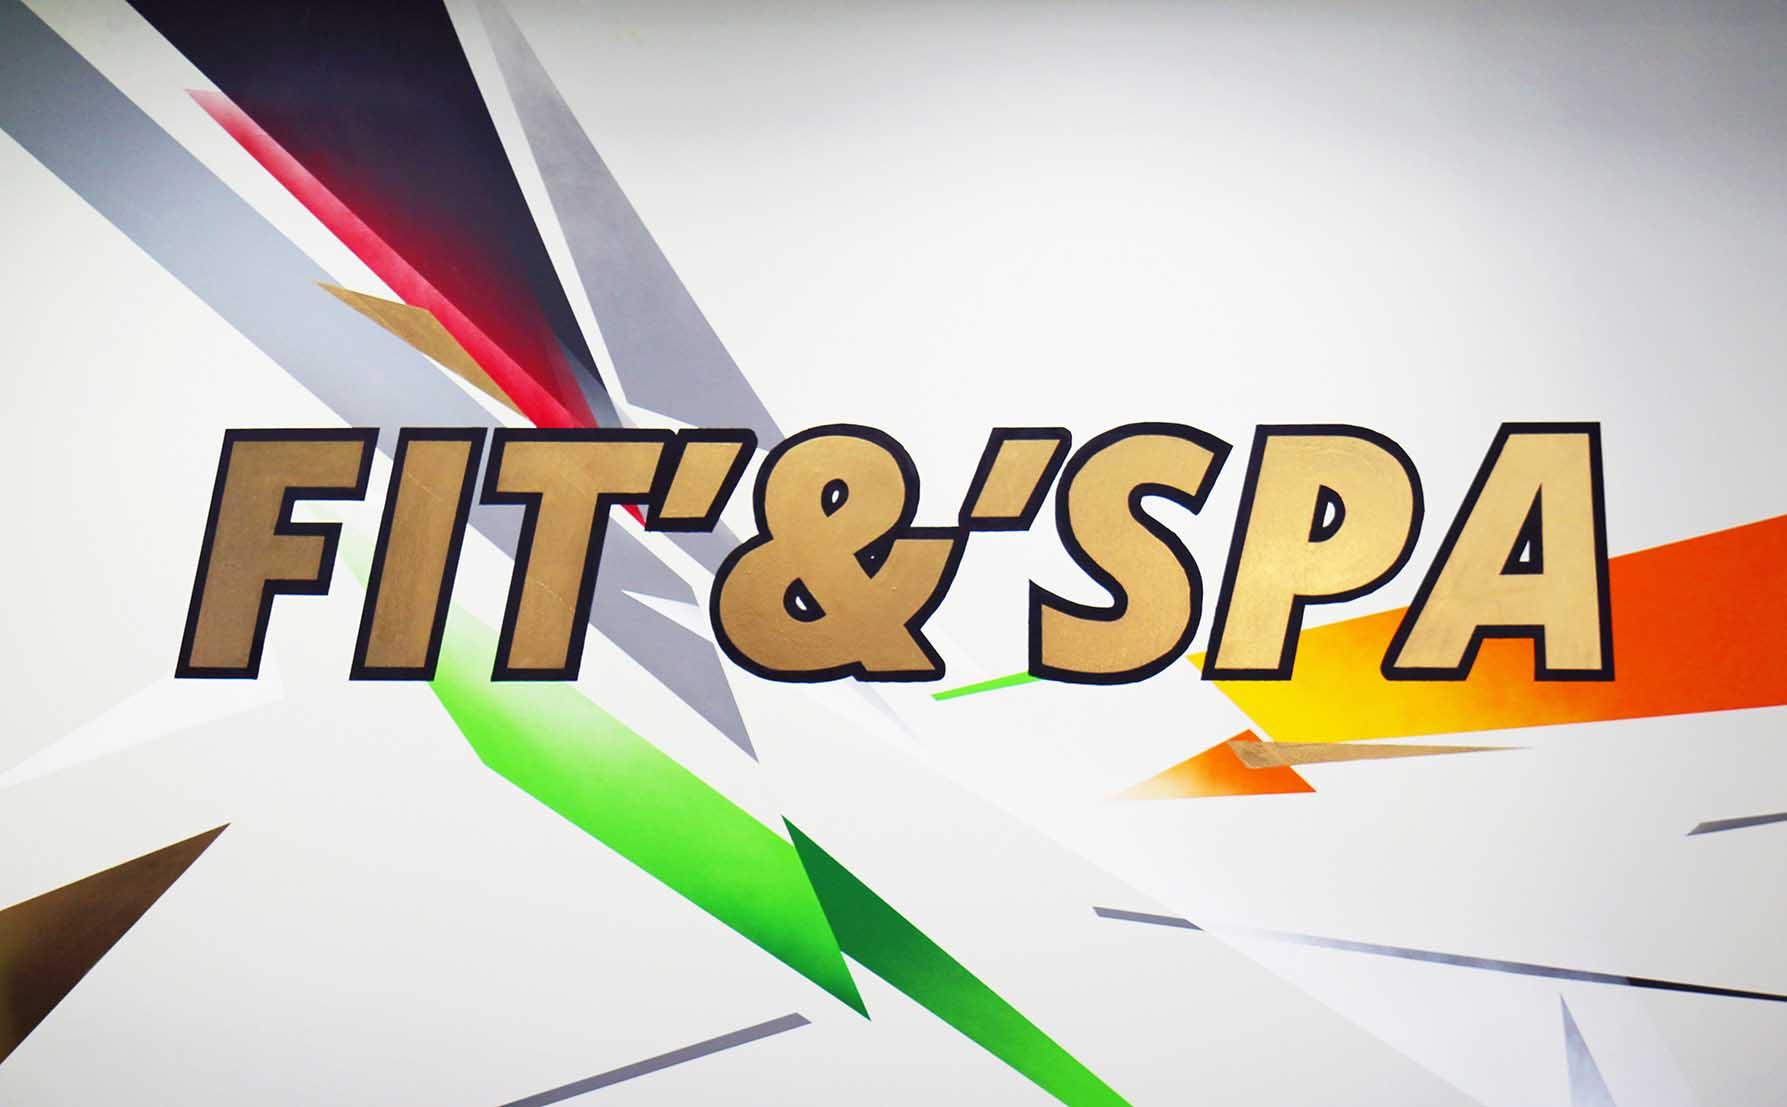 logo FIT & SPA et décorations colorées réalisés par frédéric michel-langlet dans la salle de sport fit & spa